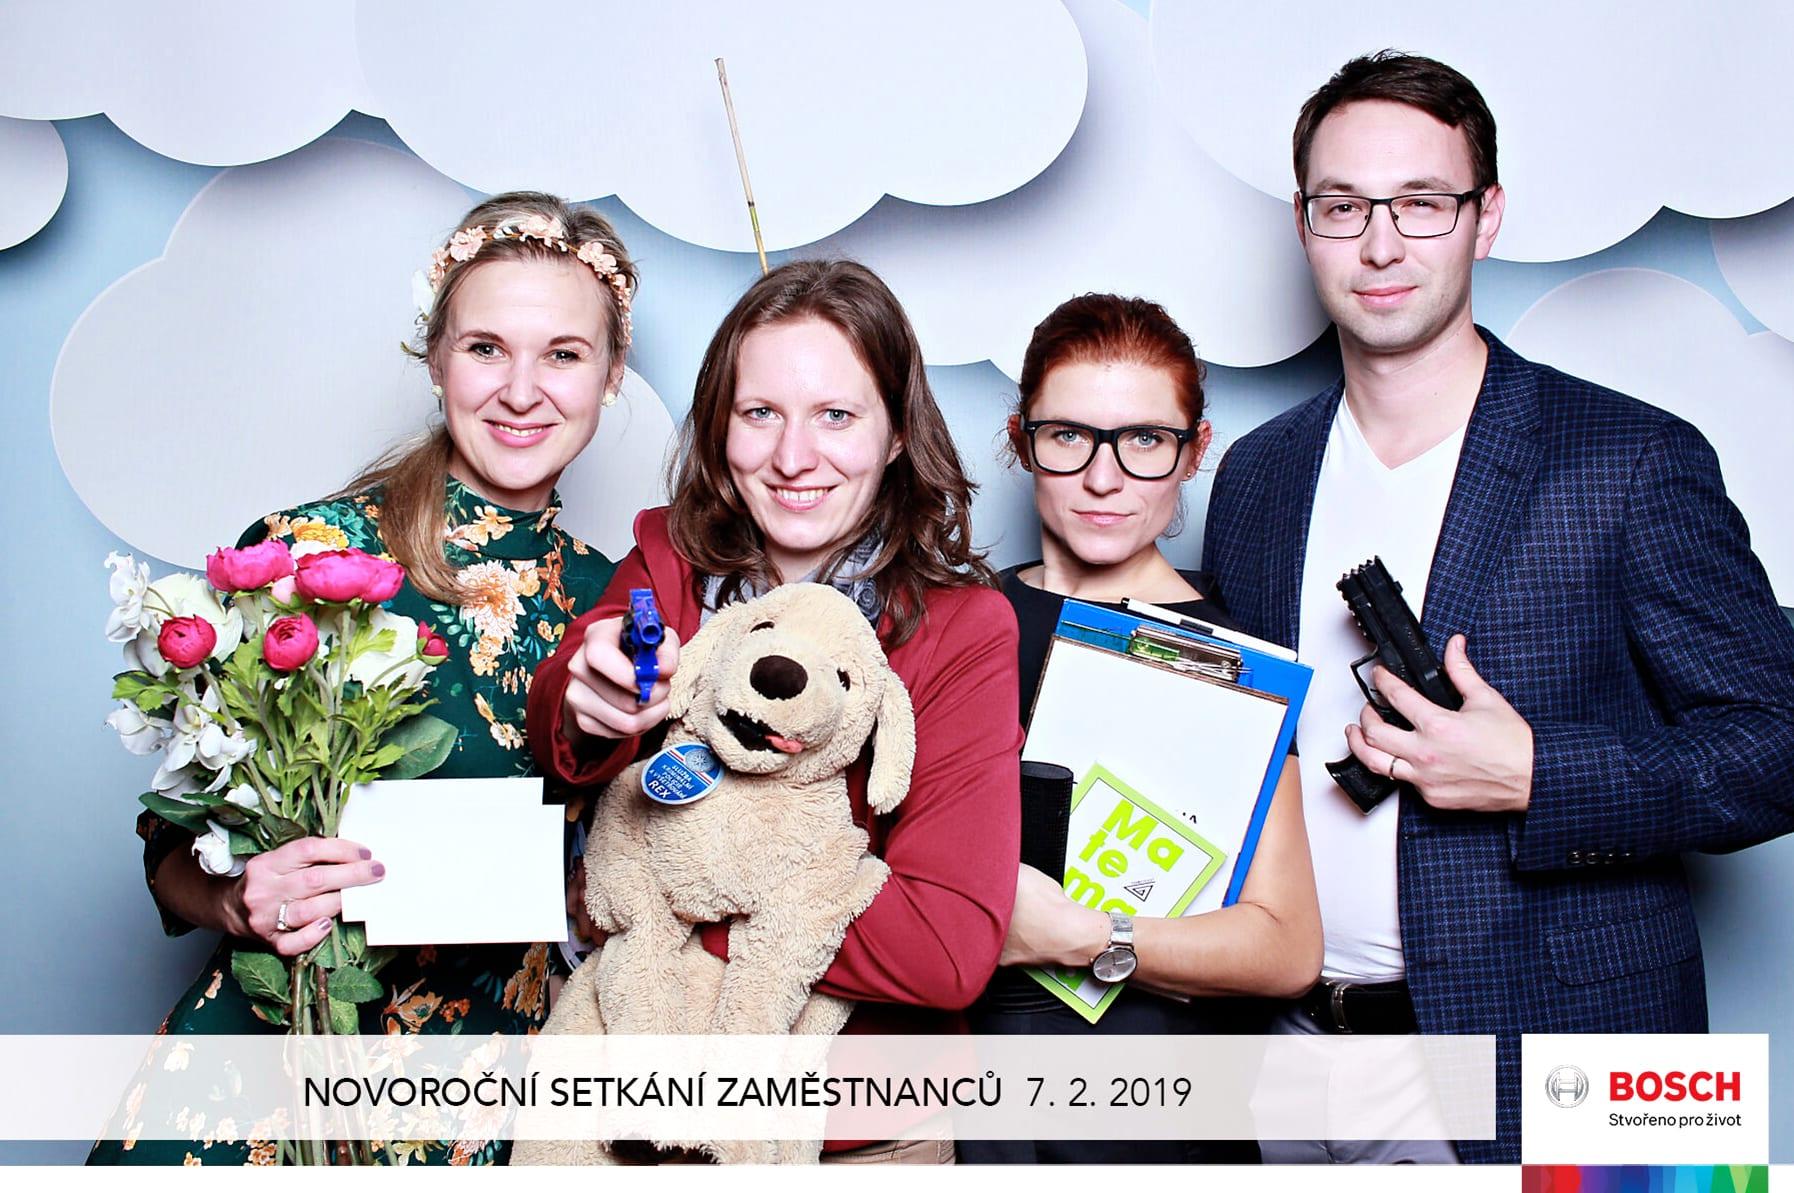 fotokoutek-bosch-7-2-2019-579023